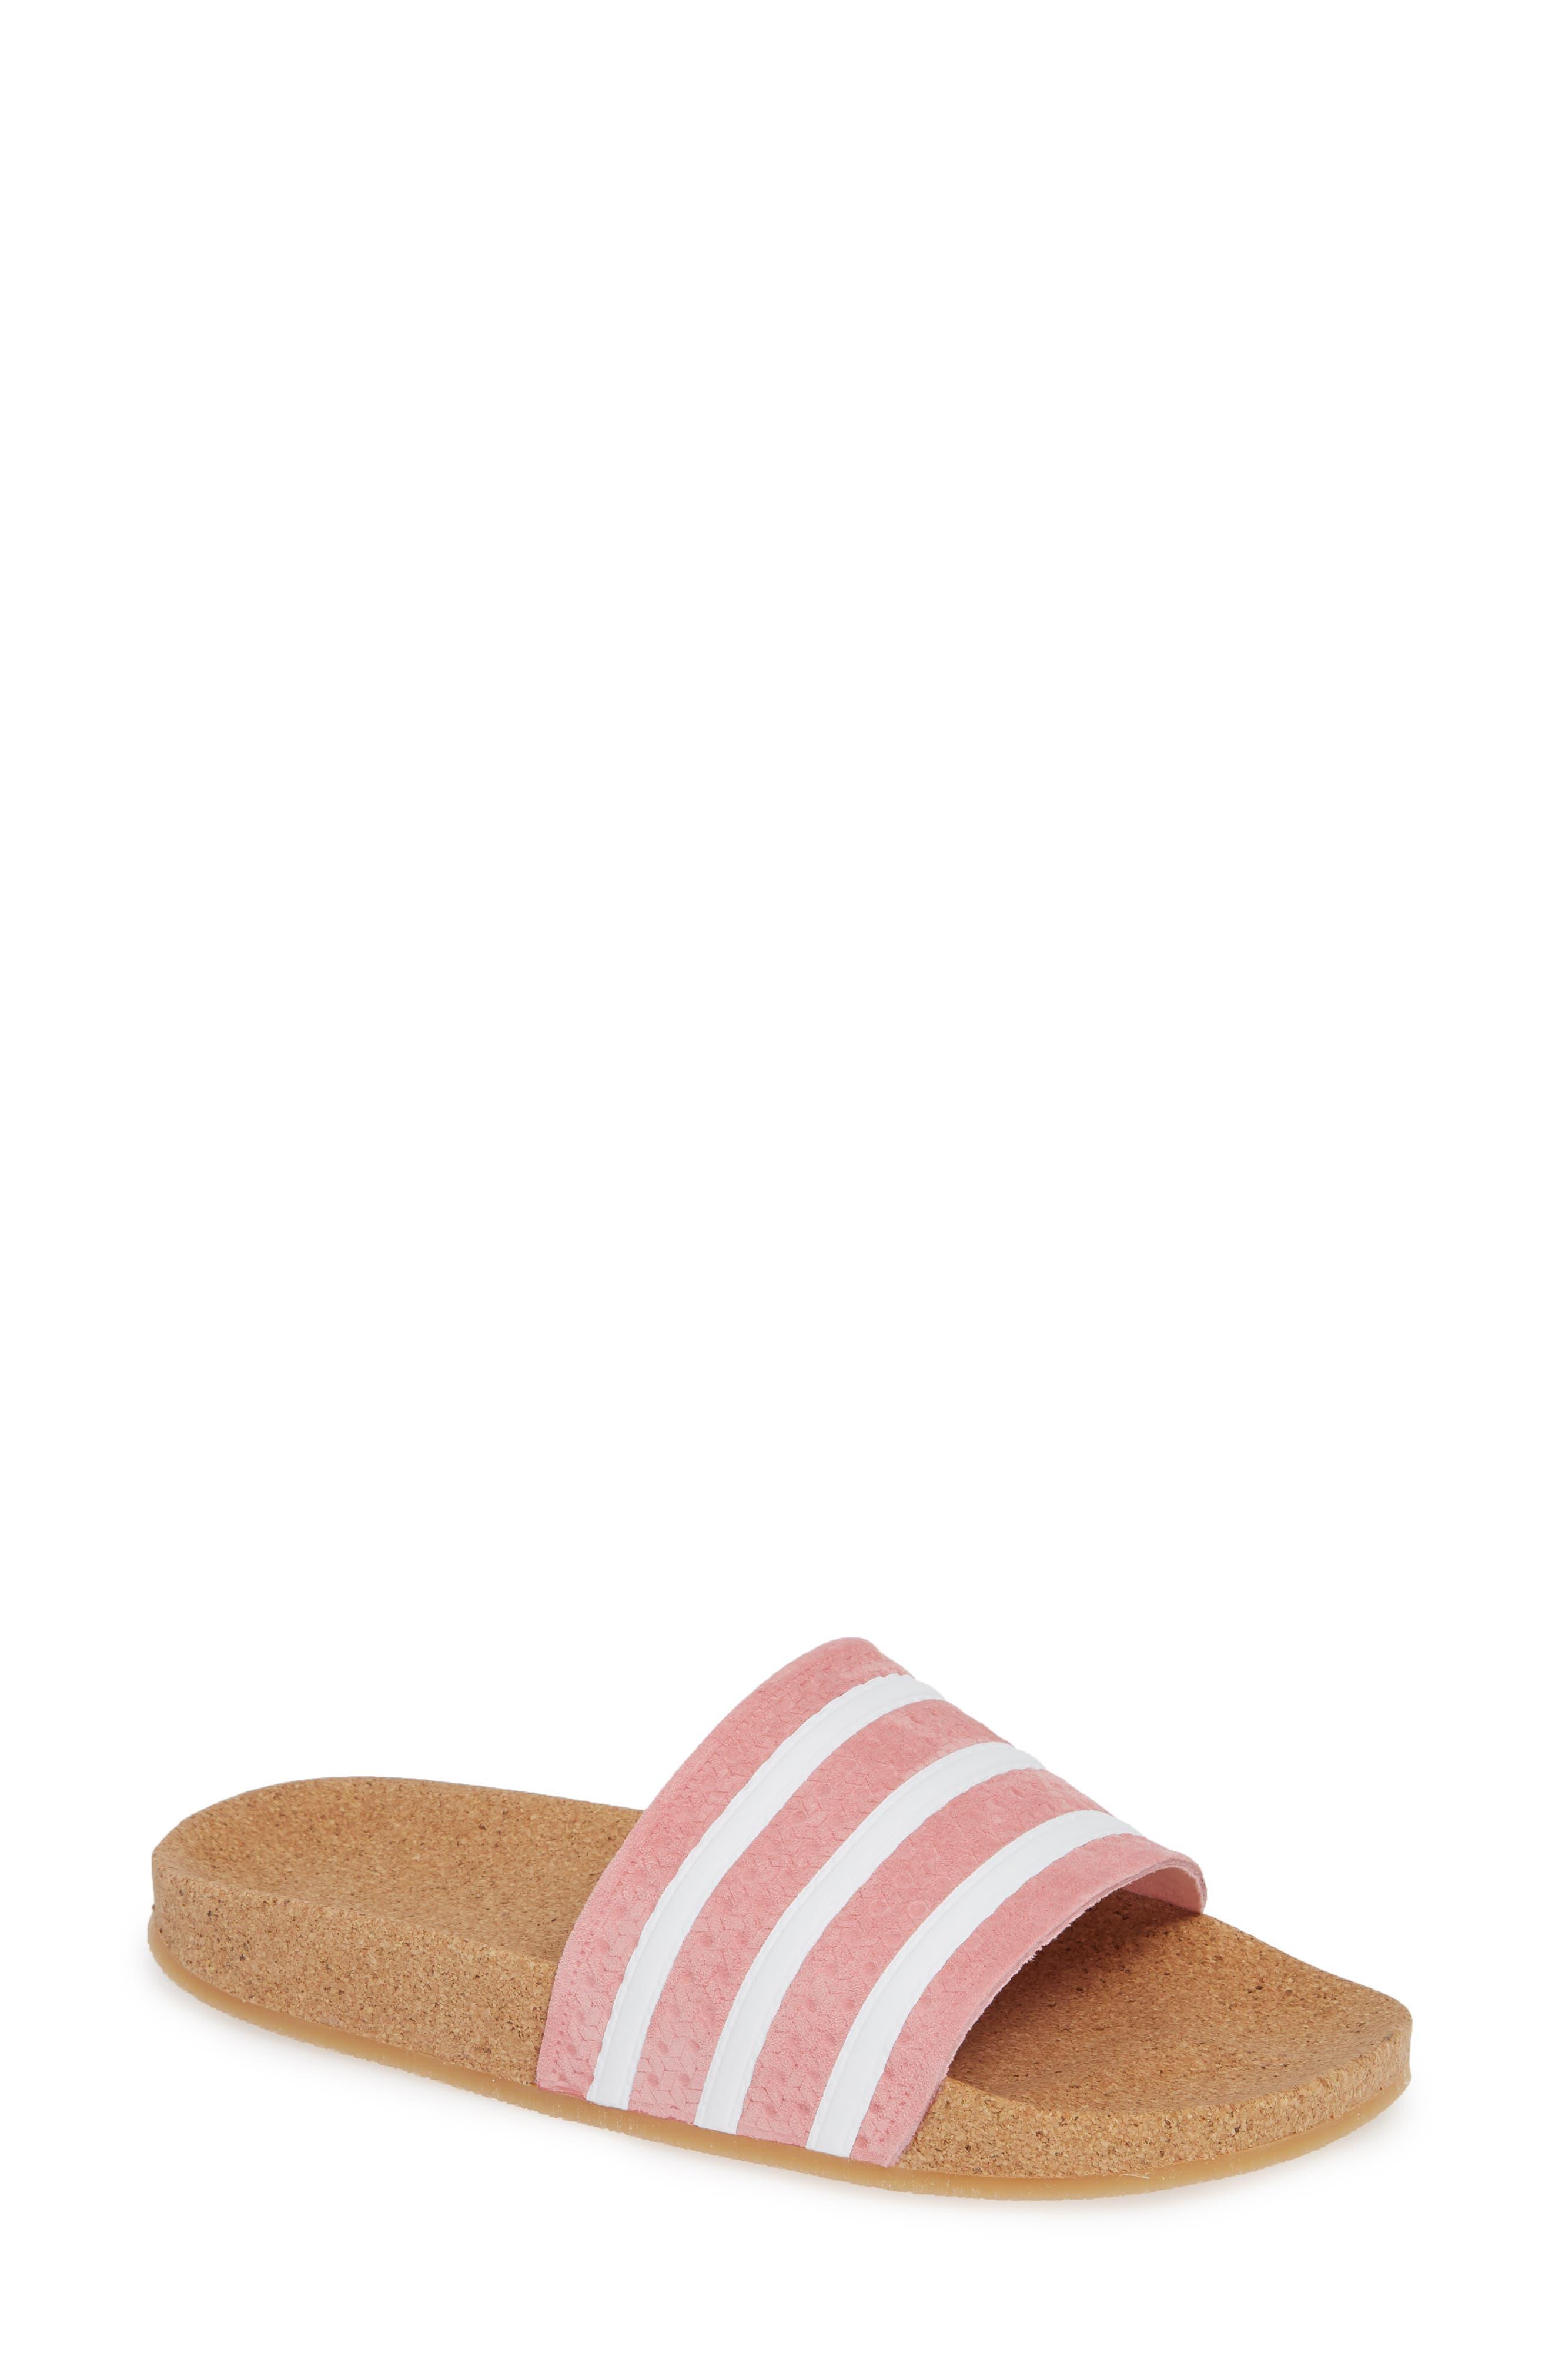 Adilette Slide Sandal,                         Main,                         color, SUPER POP/ WHITE/ GUM4